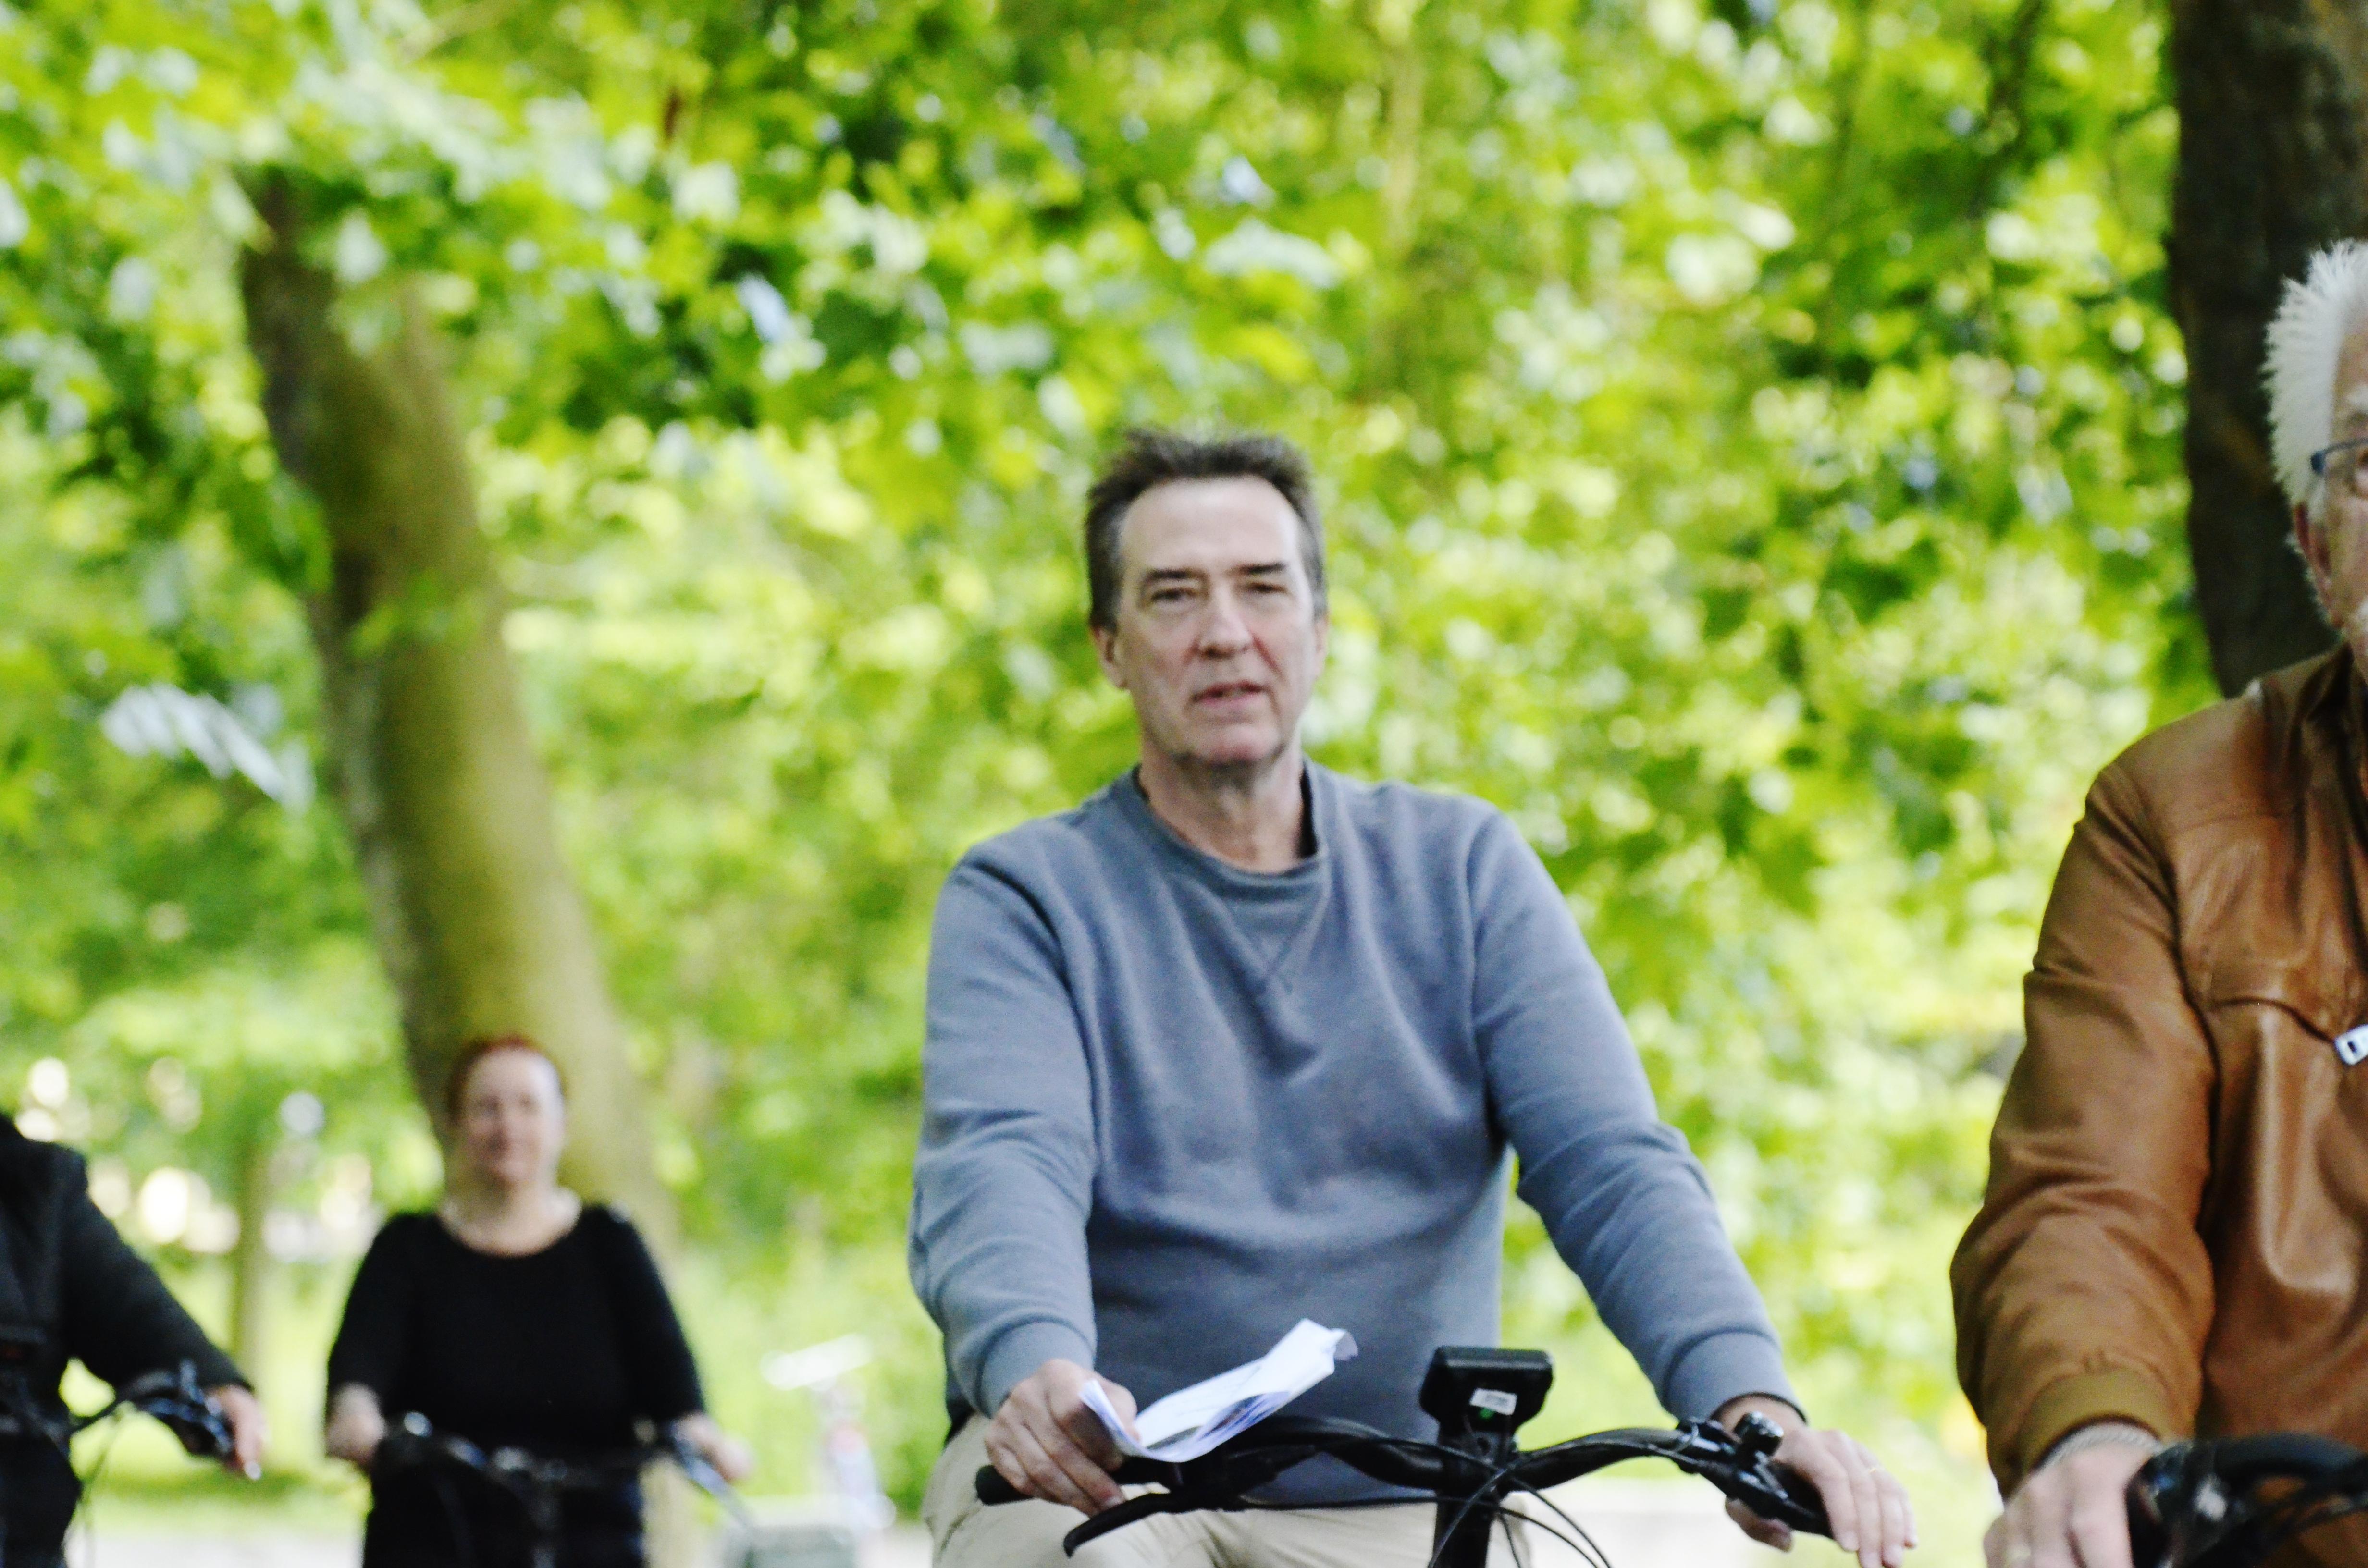 Onze koorleider zit voor 't eerst van z'n leven op 'n e-bike…